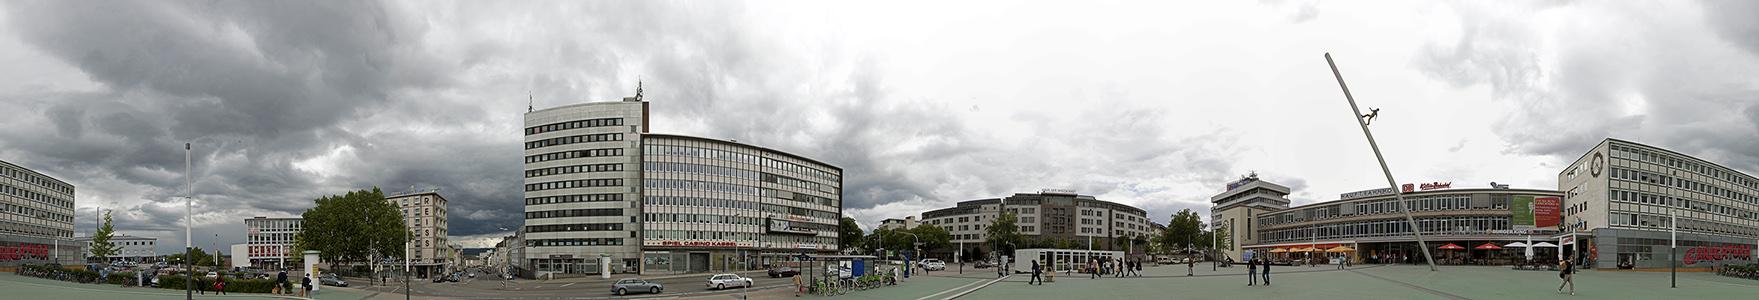 Kassel Bahnhofsplatz Hauptbahnhof Skulptur Man walking to the sky